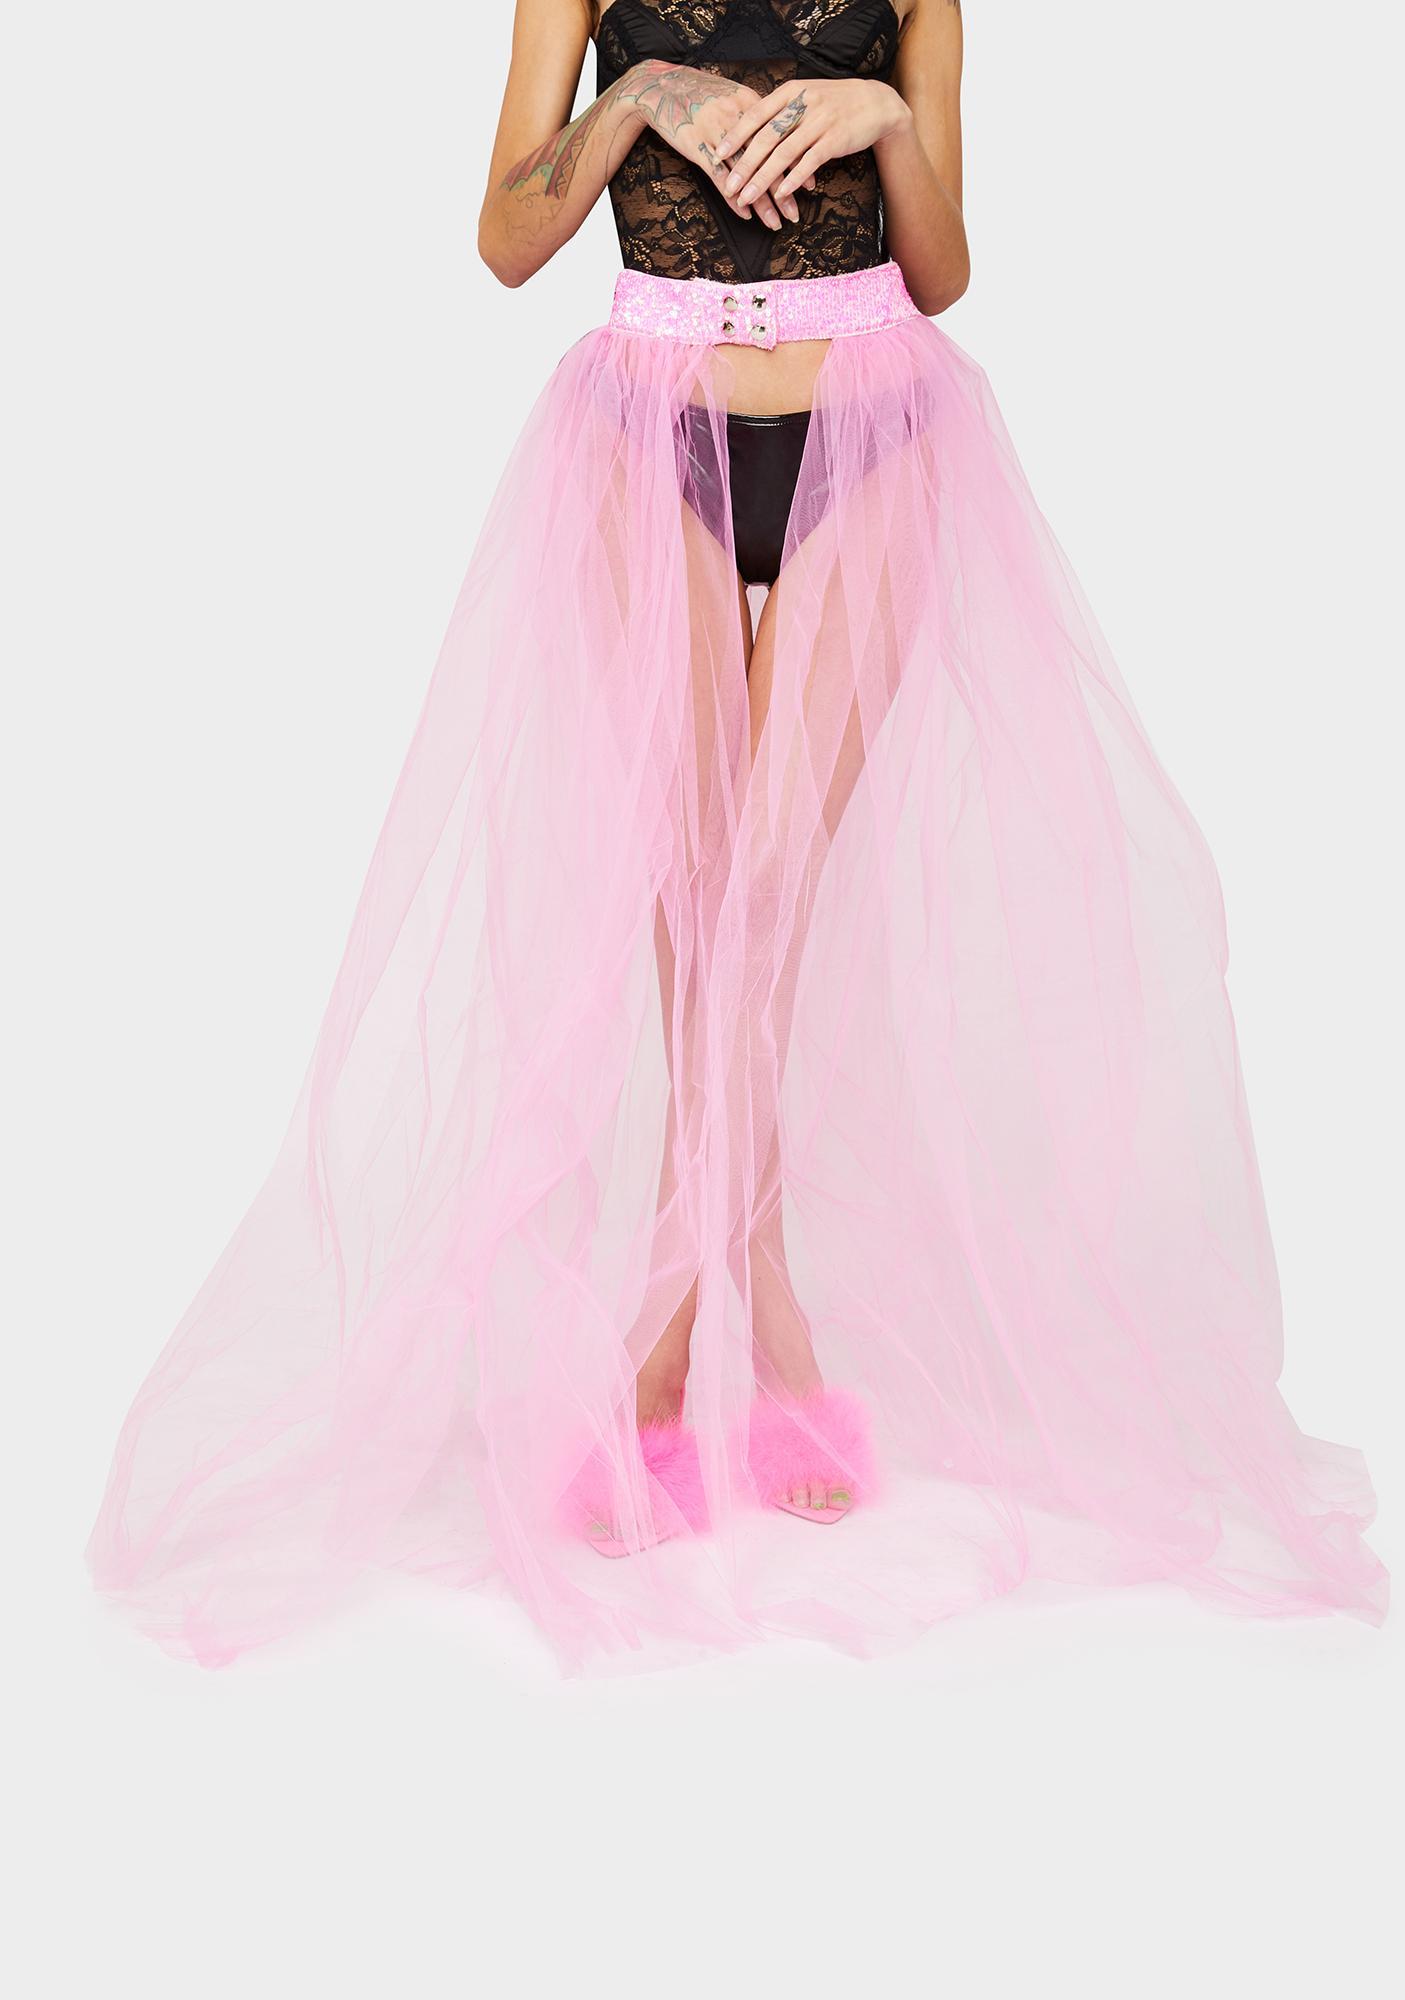 Not An Angel Tulle Skirt